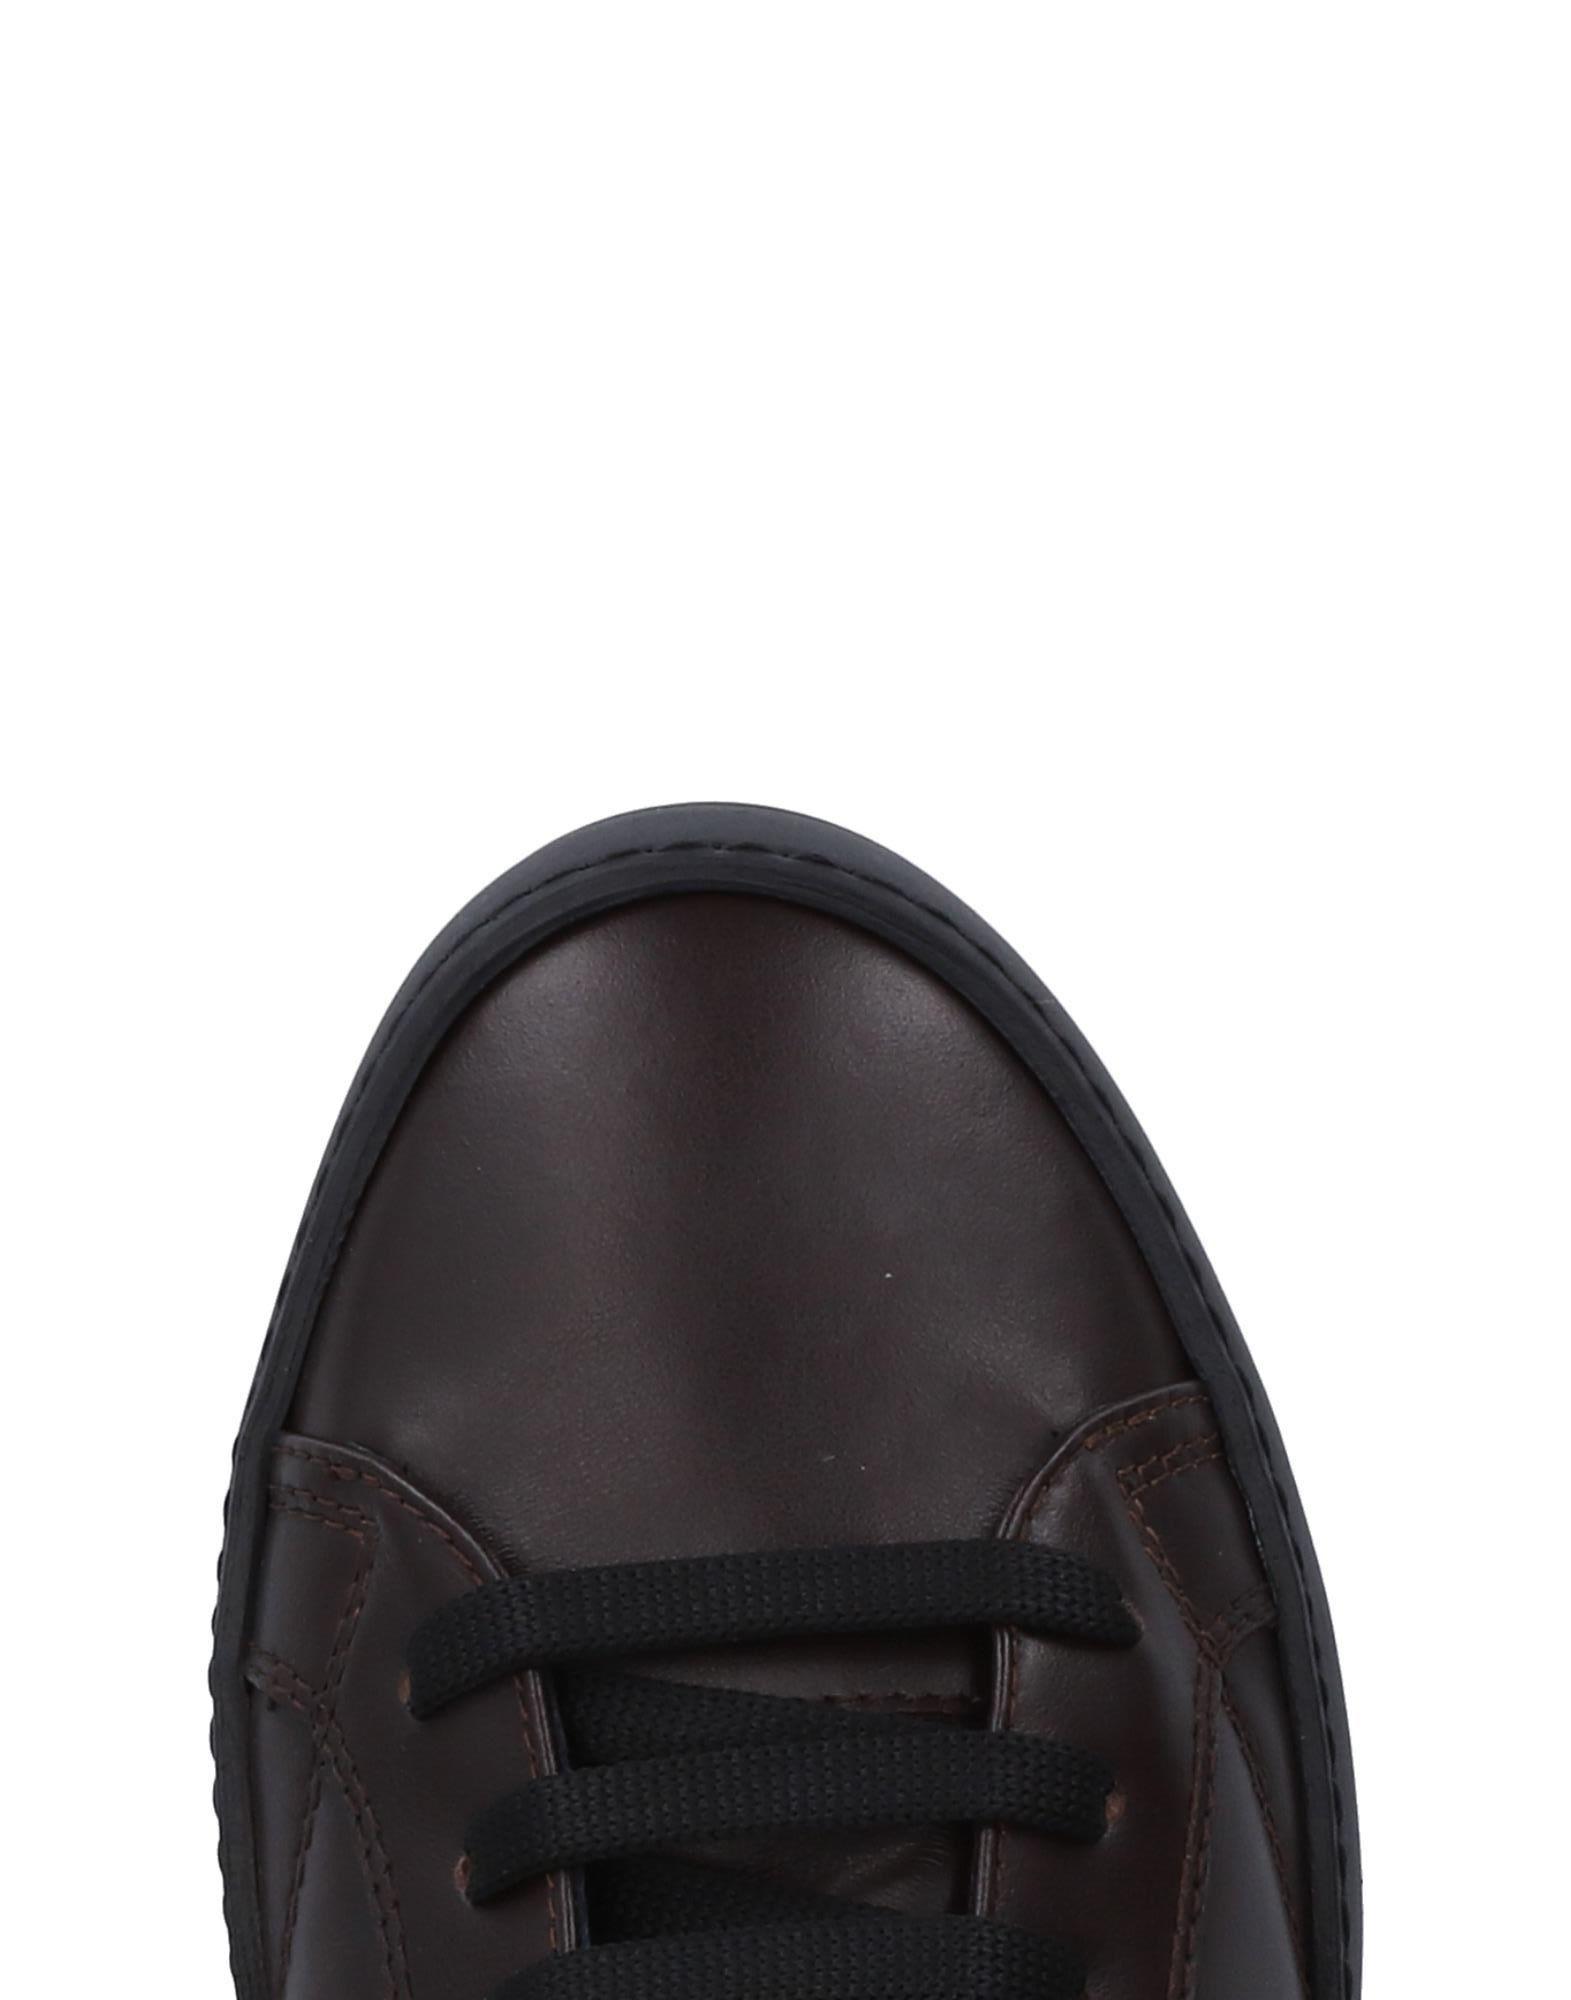 John Galliano Sneakers Herren 11516793TM  11516793TM Herren d0746b